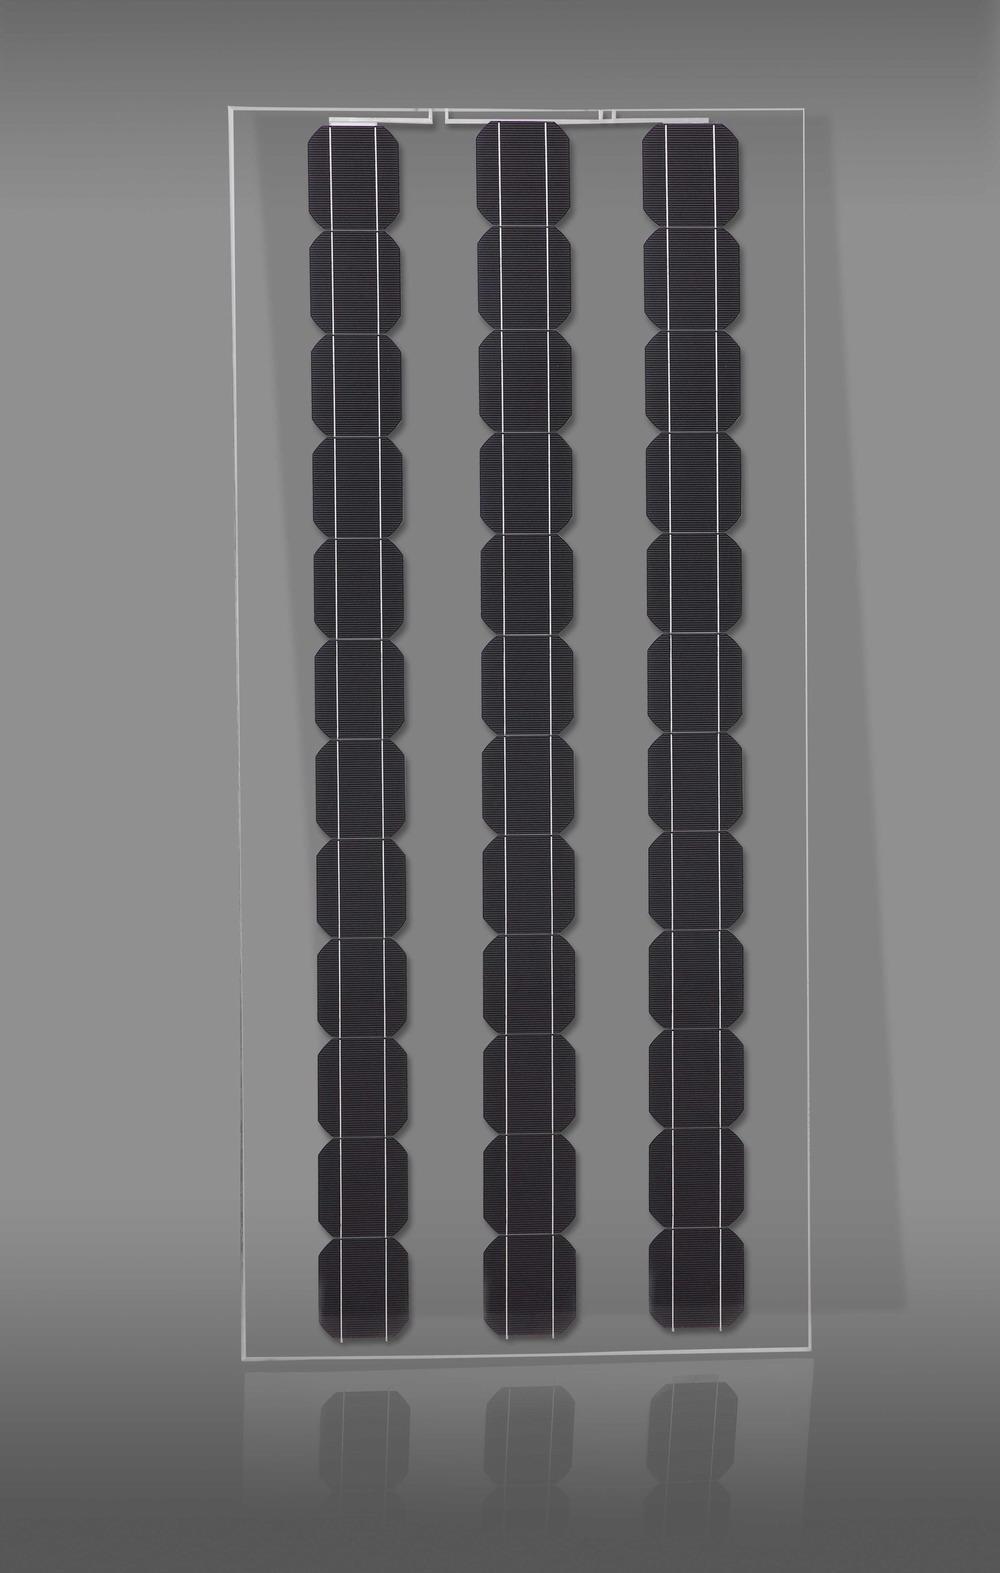 供应单晶硅多晶硅太阳能电池板图片